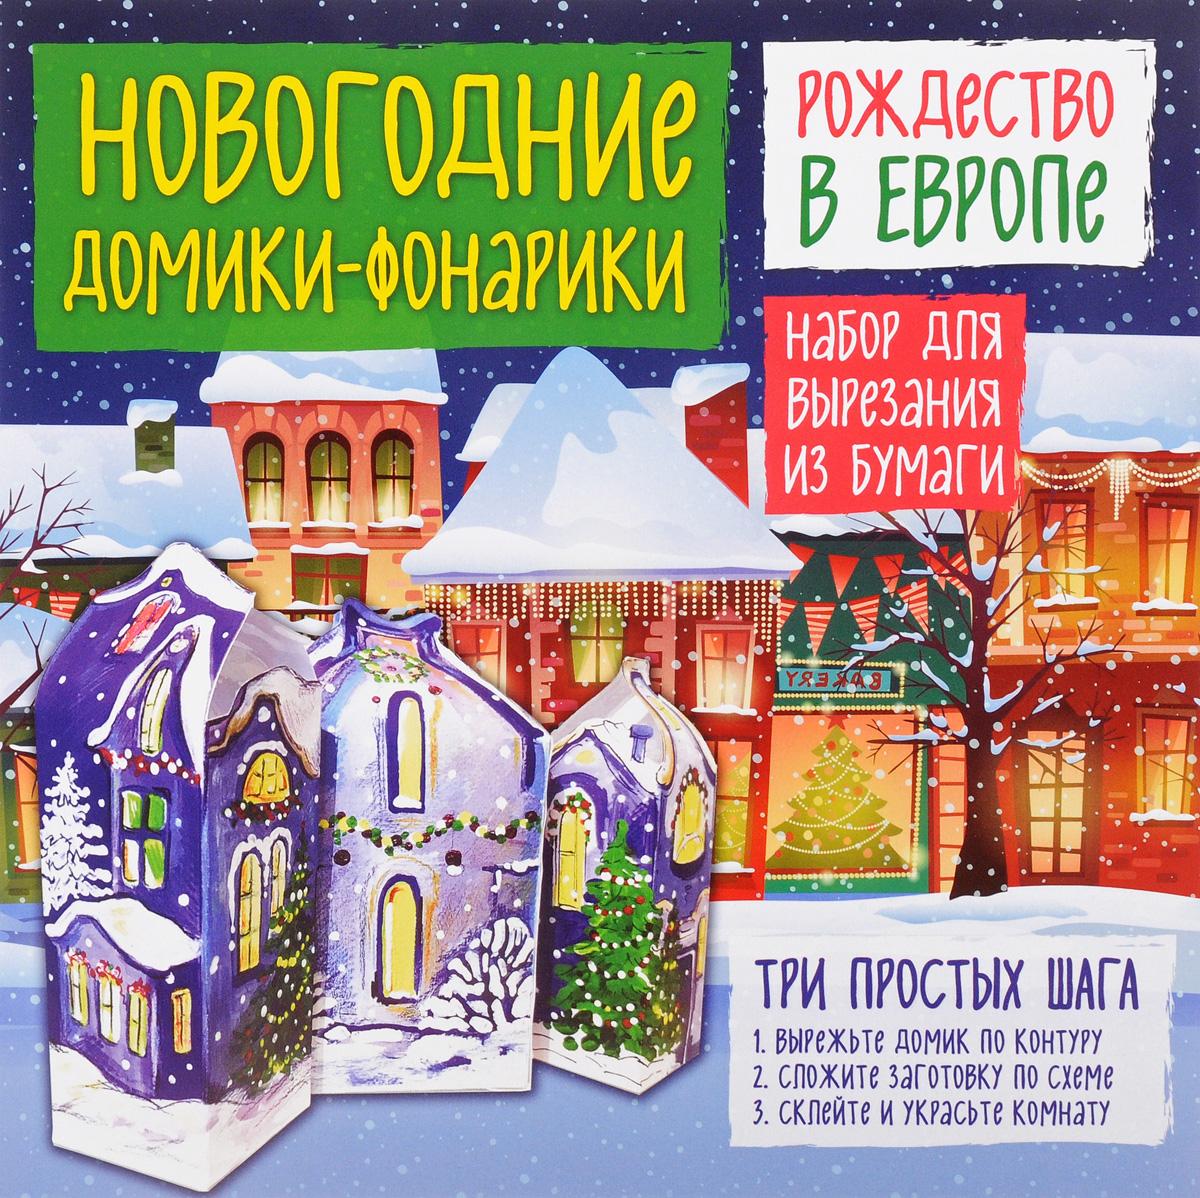 Т. Лаптева Рождество в Европе. Новогодние домики-фонарики наборы для творчества fancy creative набор для создания украшений раскрась льдинки